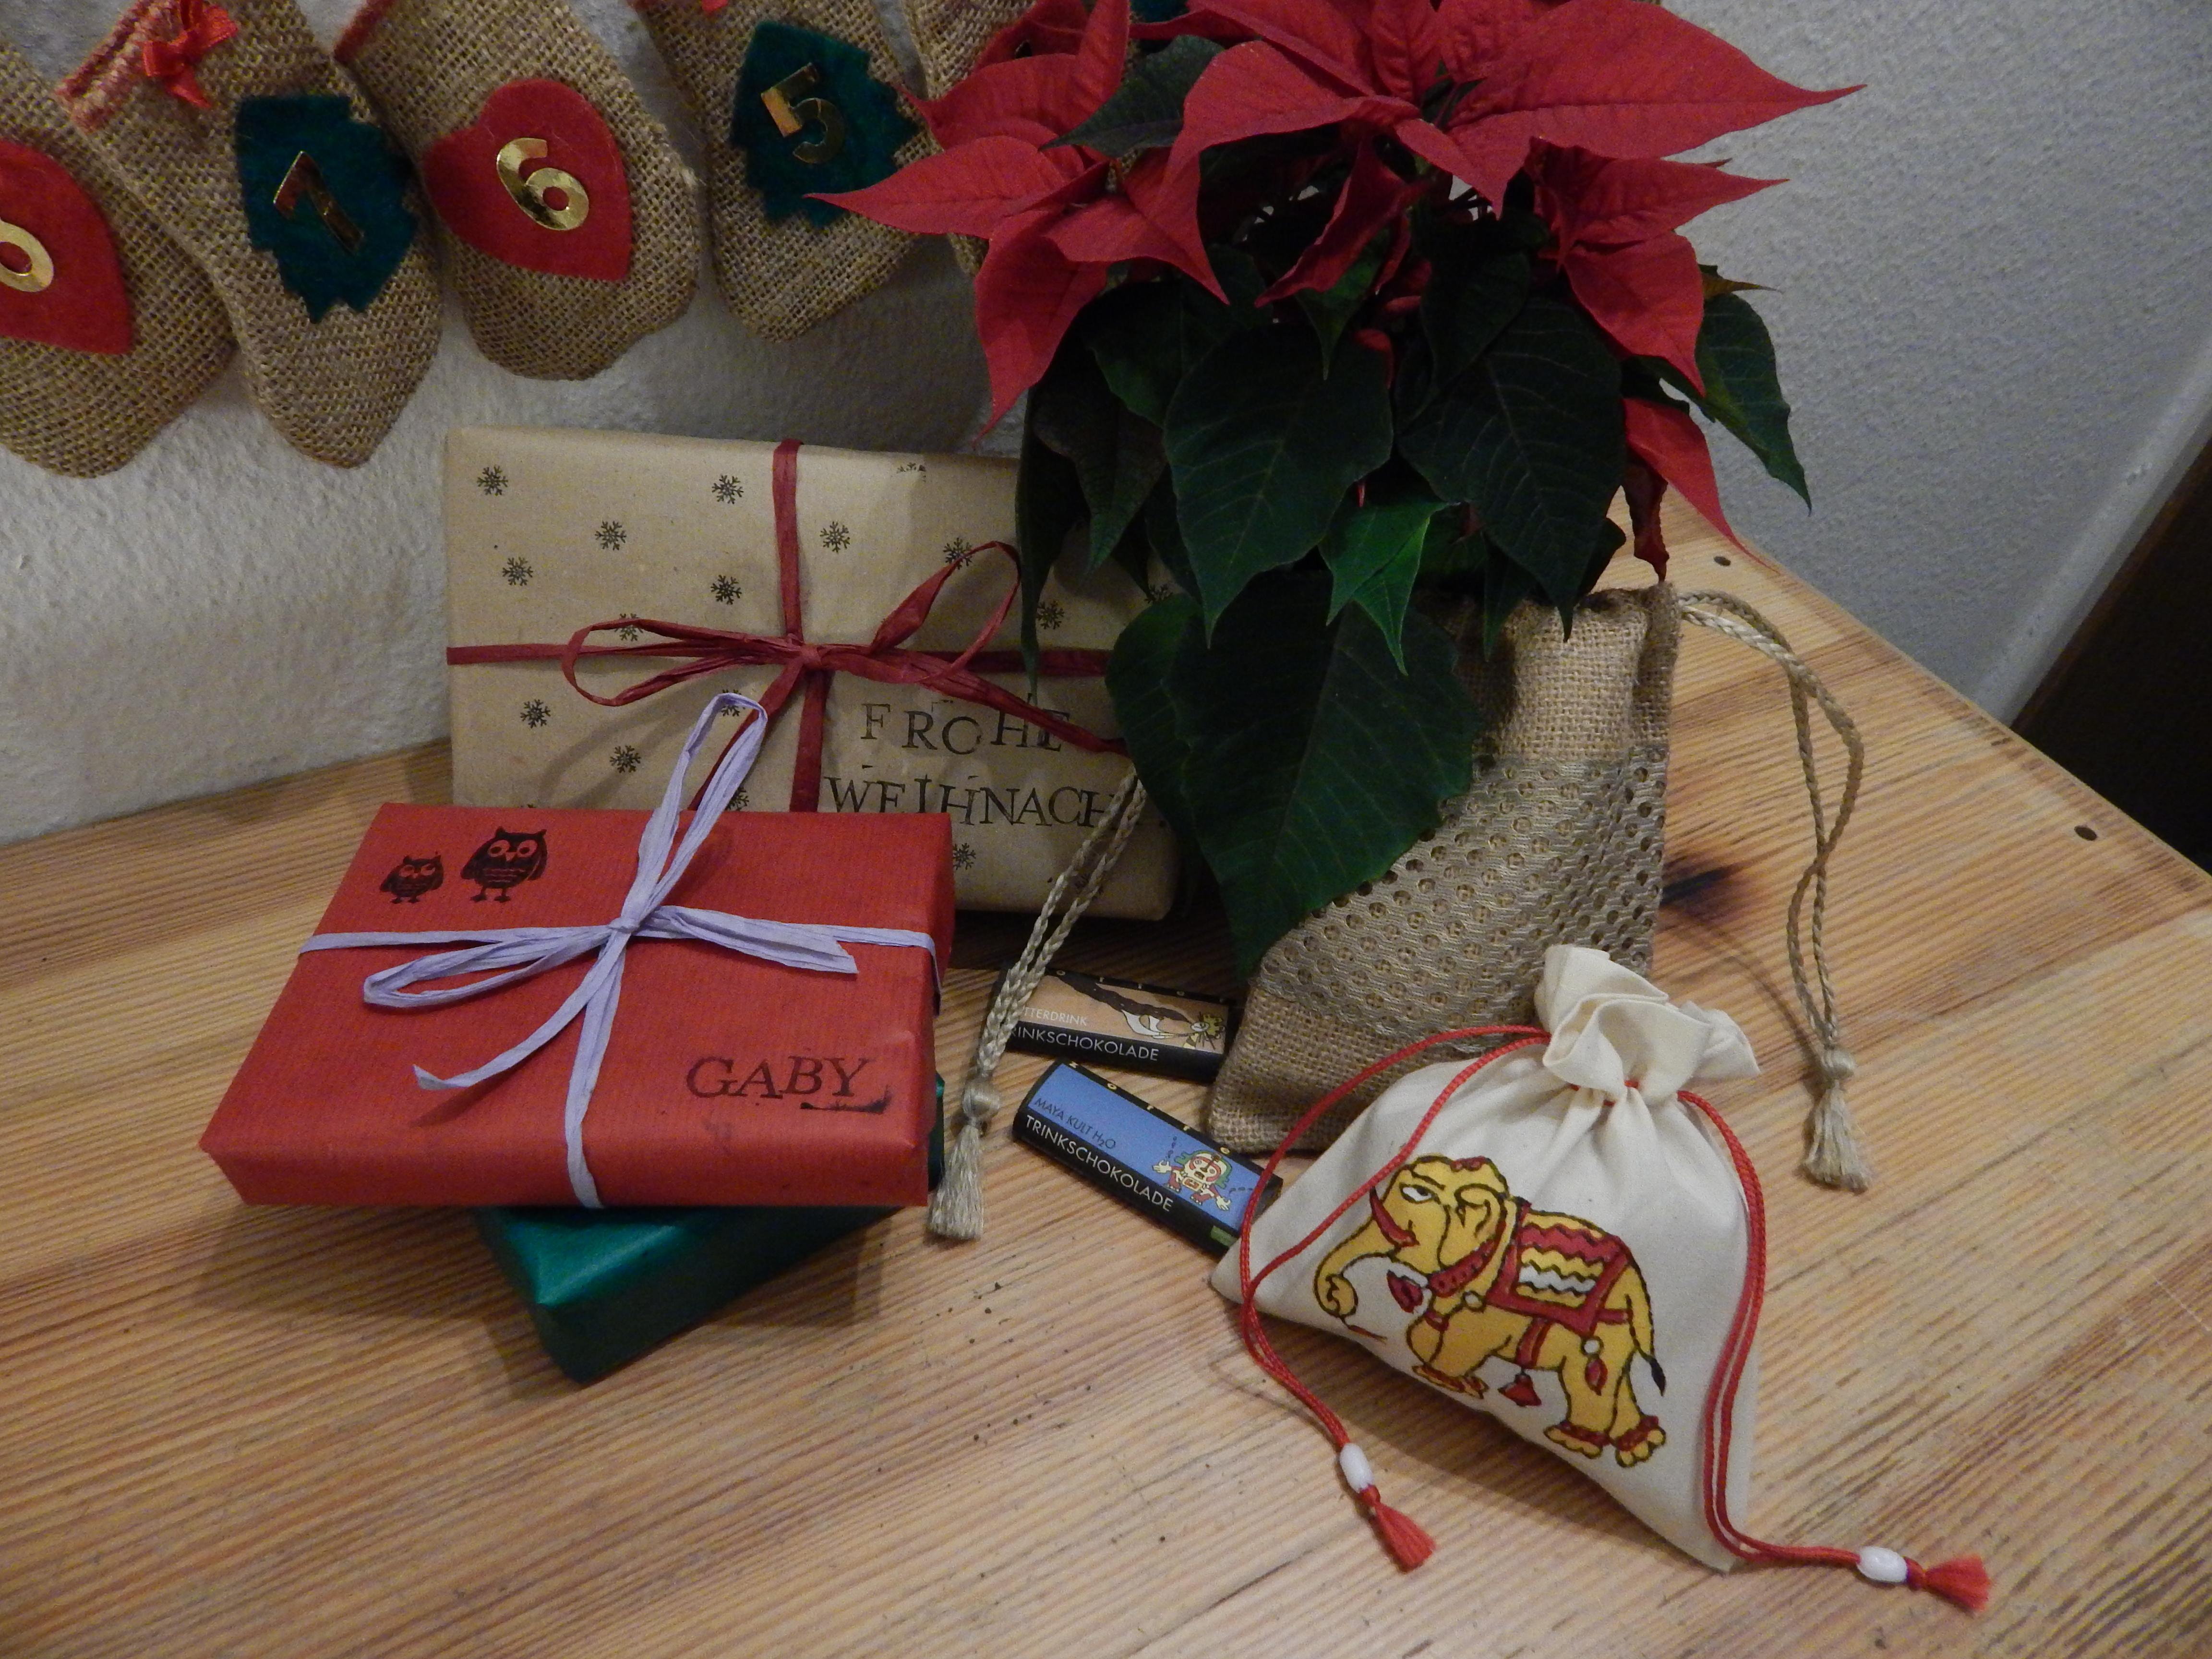 16 t rchen weihnachtsgeschenke fairpacken. Black Bedroom Furniture Sets. Home Design Ideas